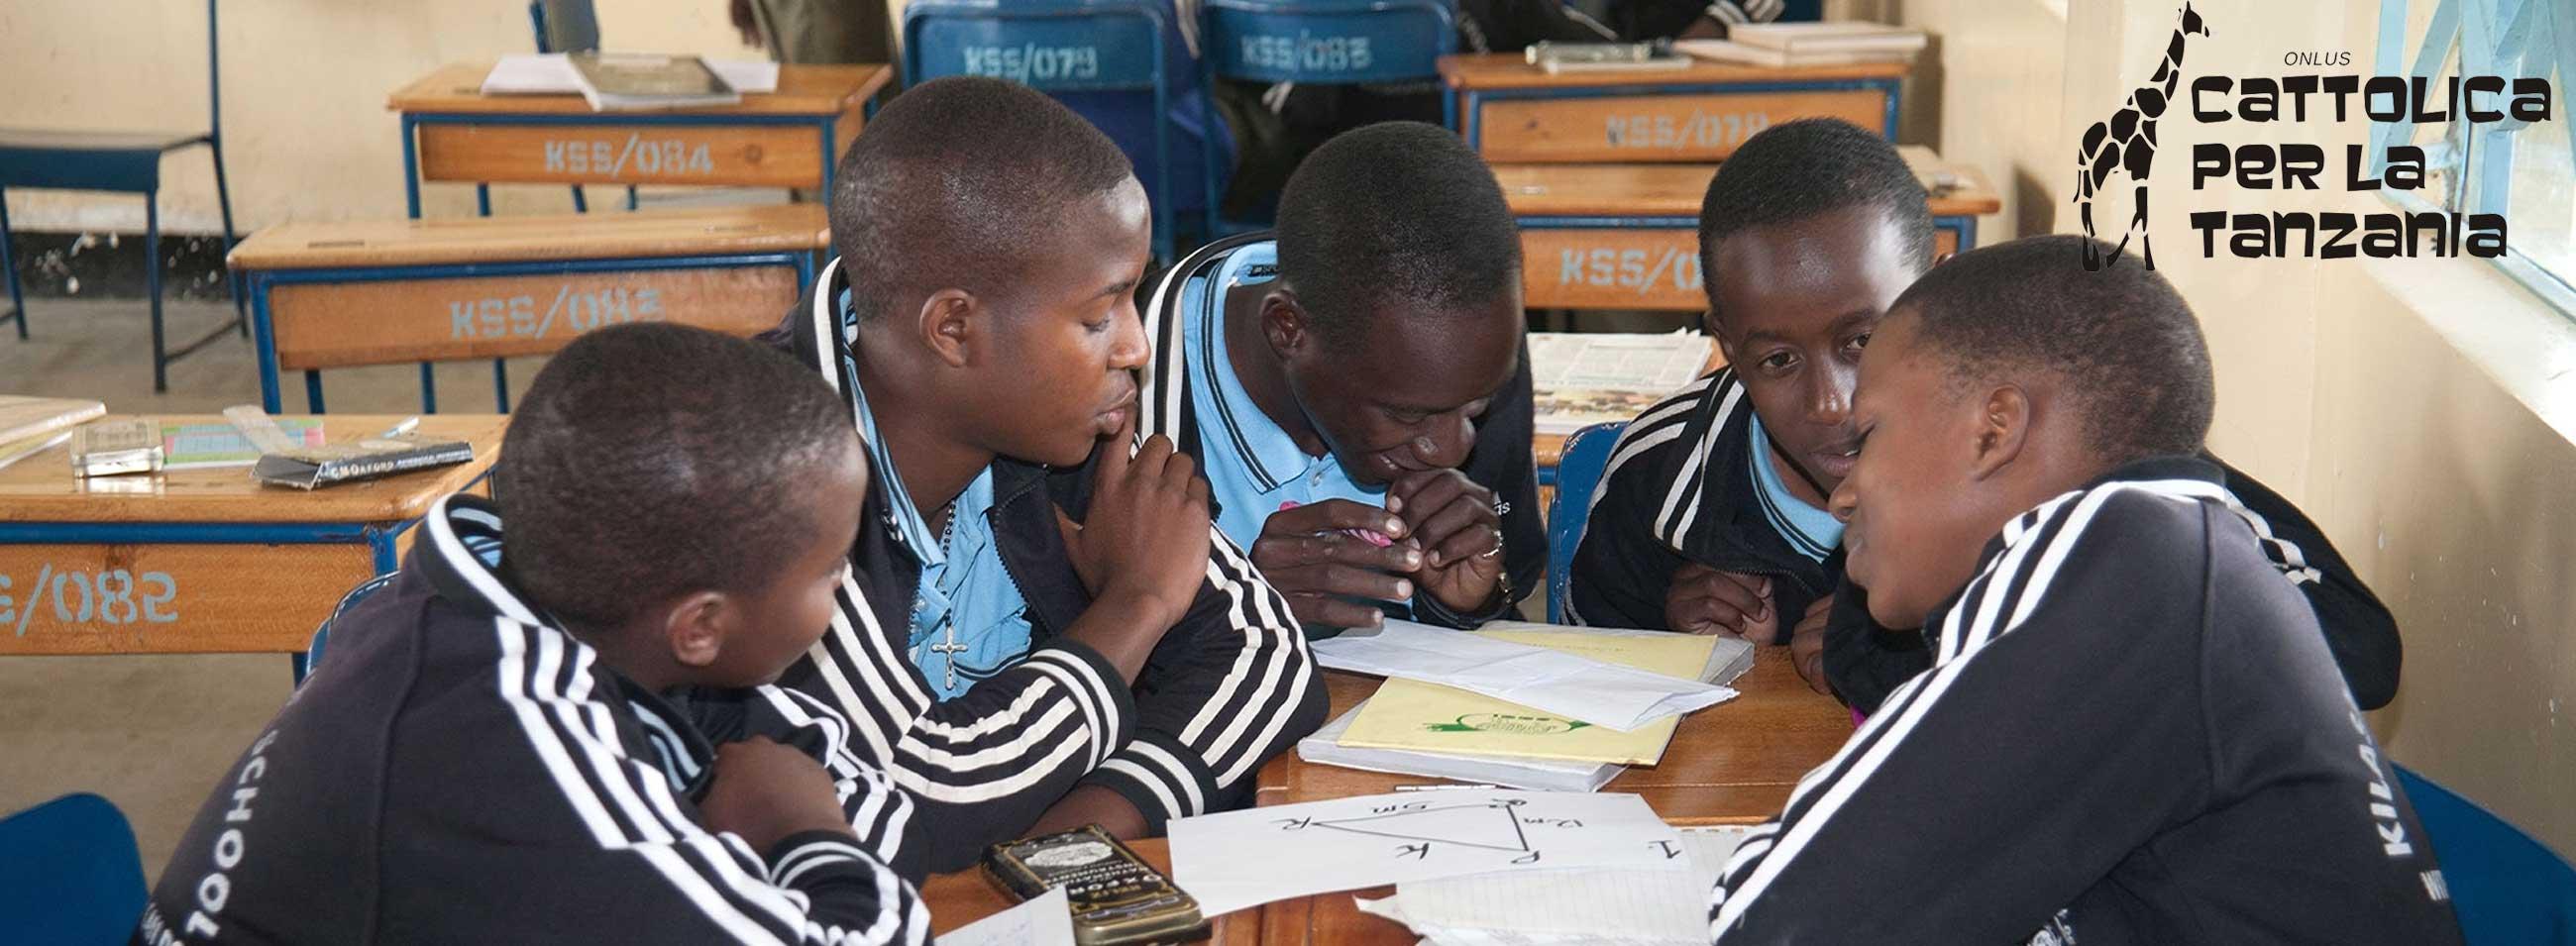 Studenti di Cattolica per la Tanzania